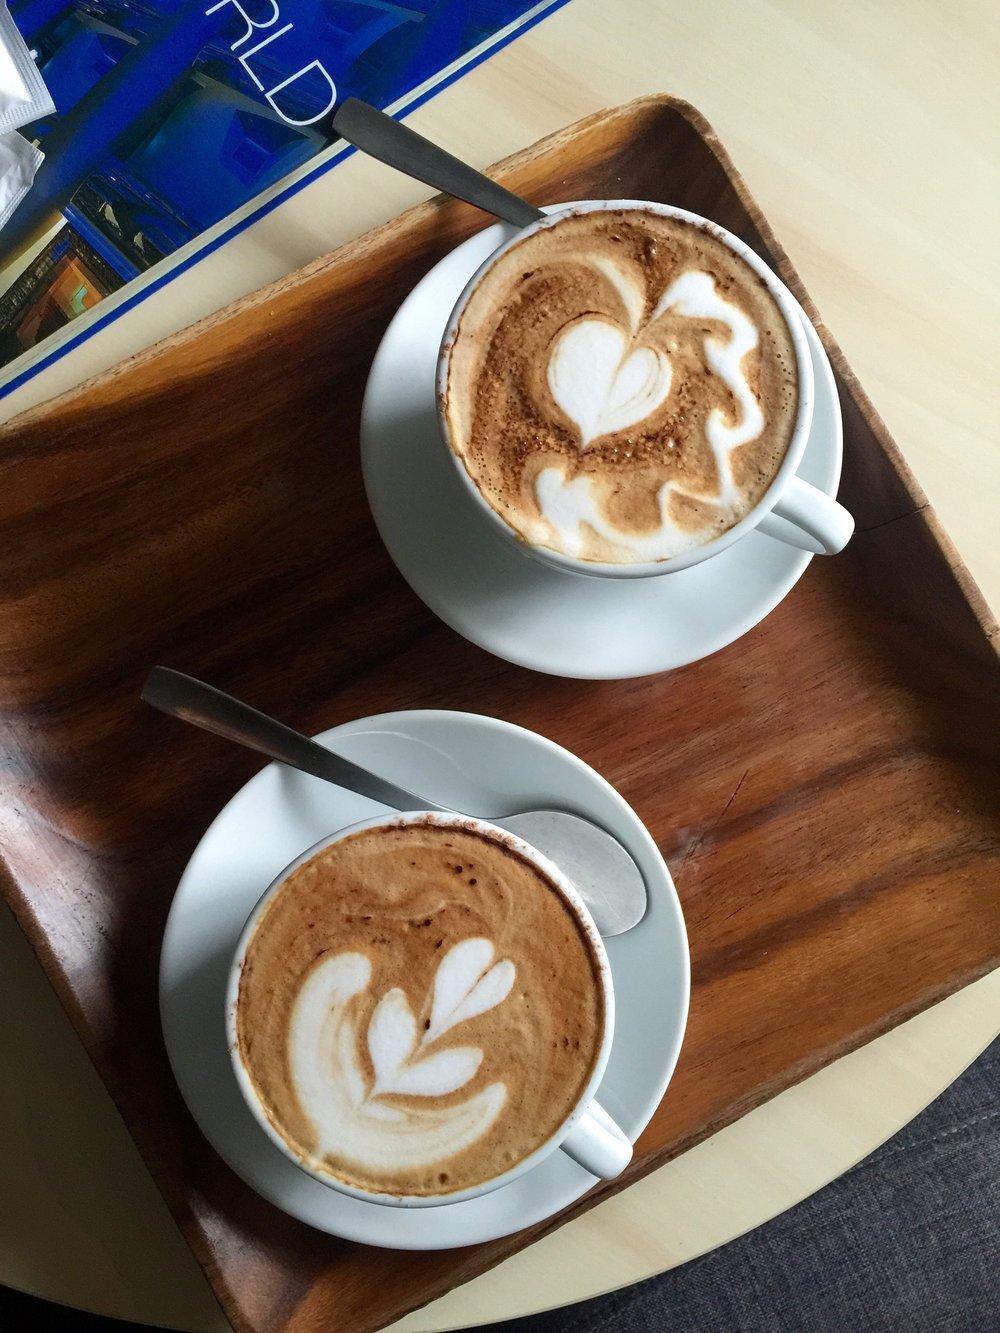 Este artigo não é aconselhado a caffeine addicts...